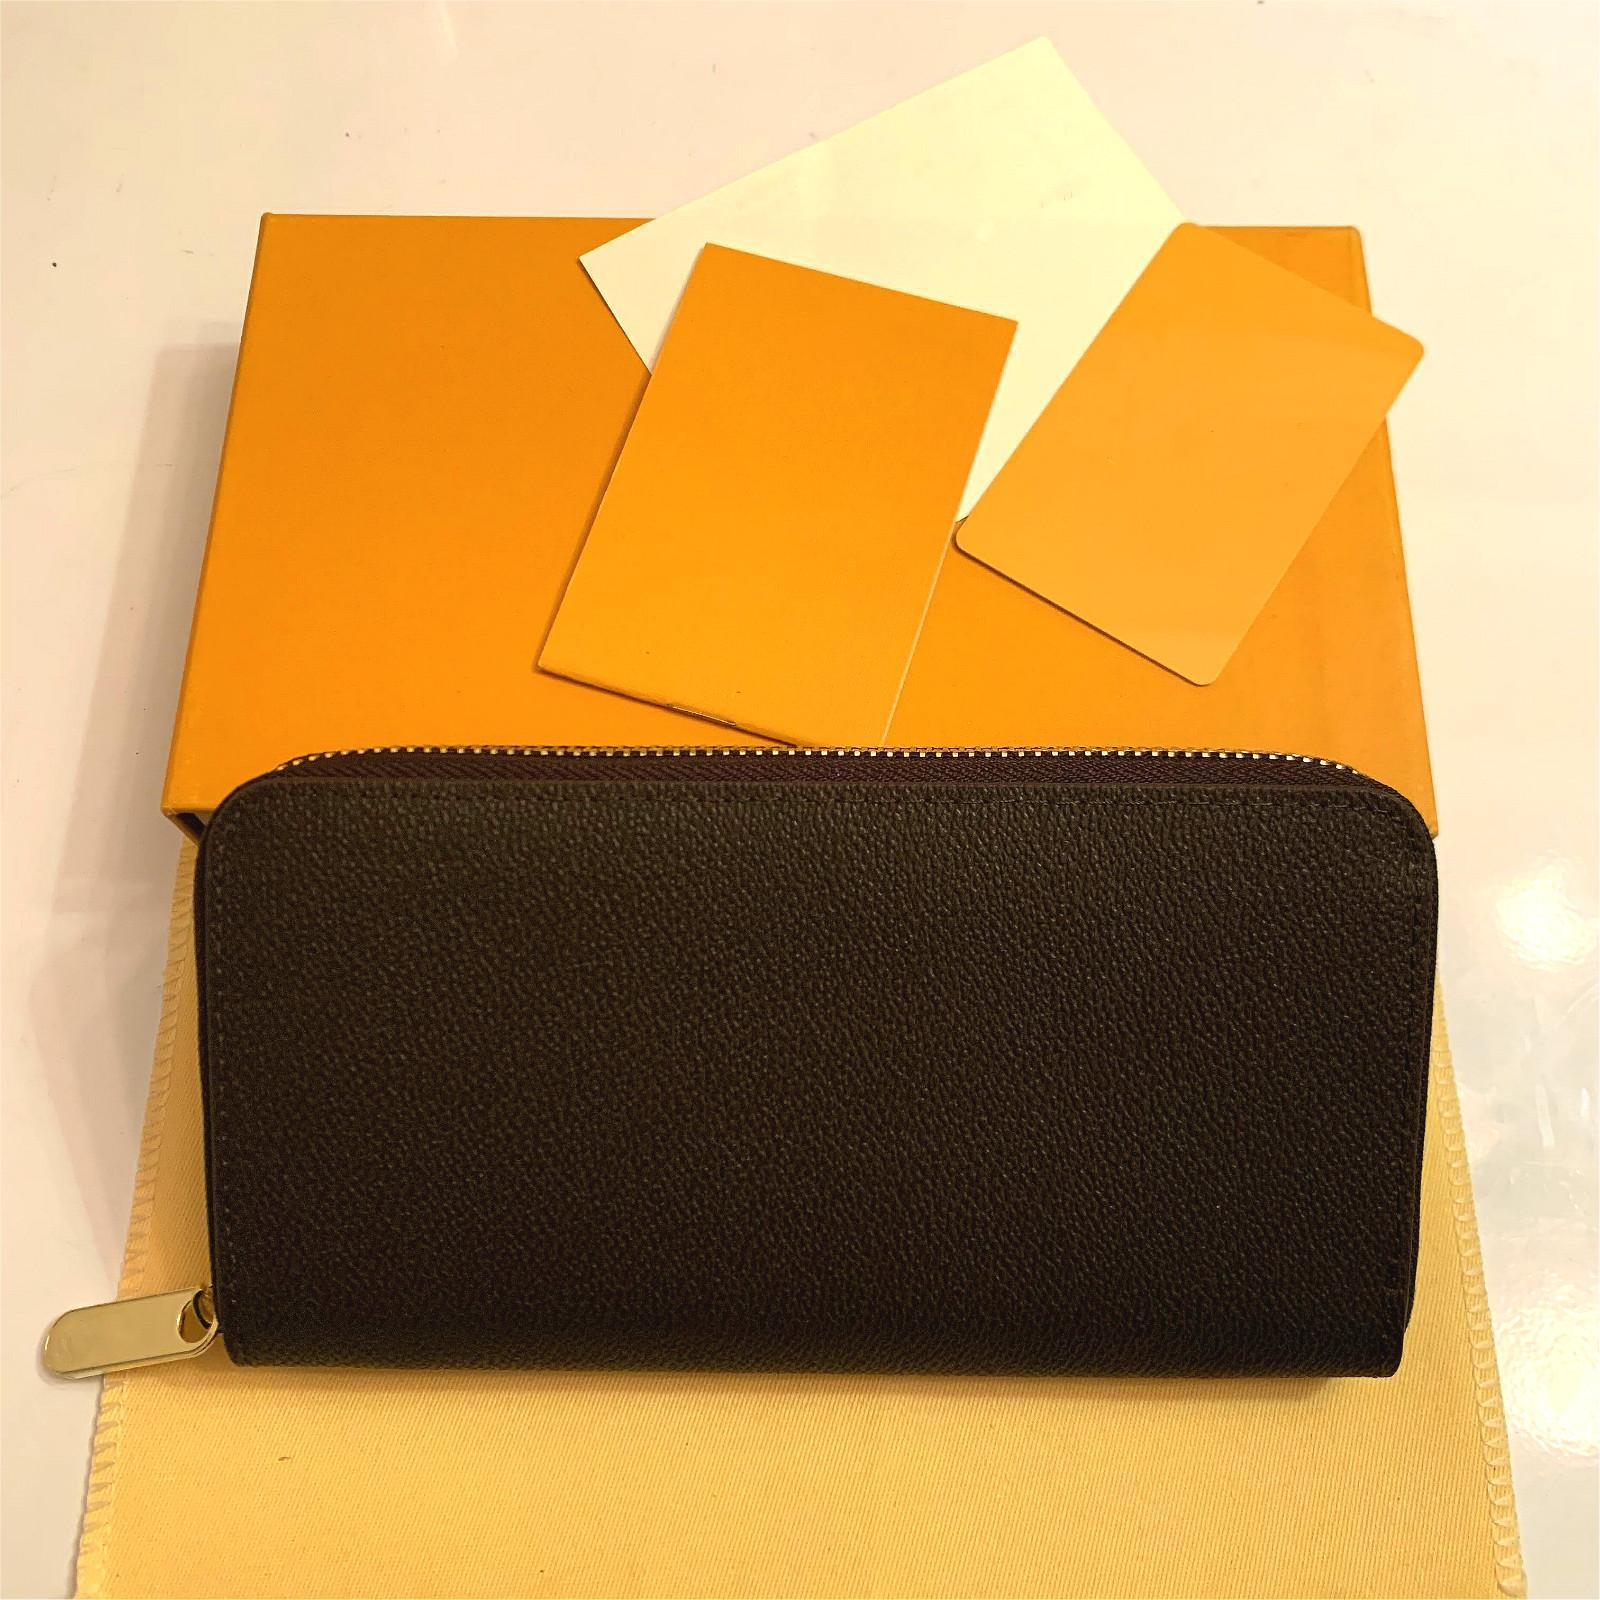 Sra. Moda más alta Cinturón Nuevo Cinturón Cartera de noche Lujos de Lujos Bolsa de Lujos Diseñadores de bolsas de embrague Billetera Cálculo Classario con caja Dust B Xaso